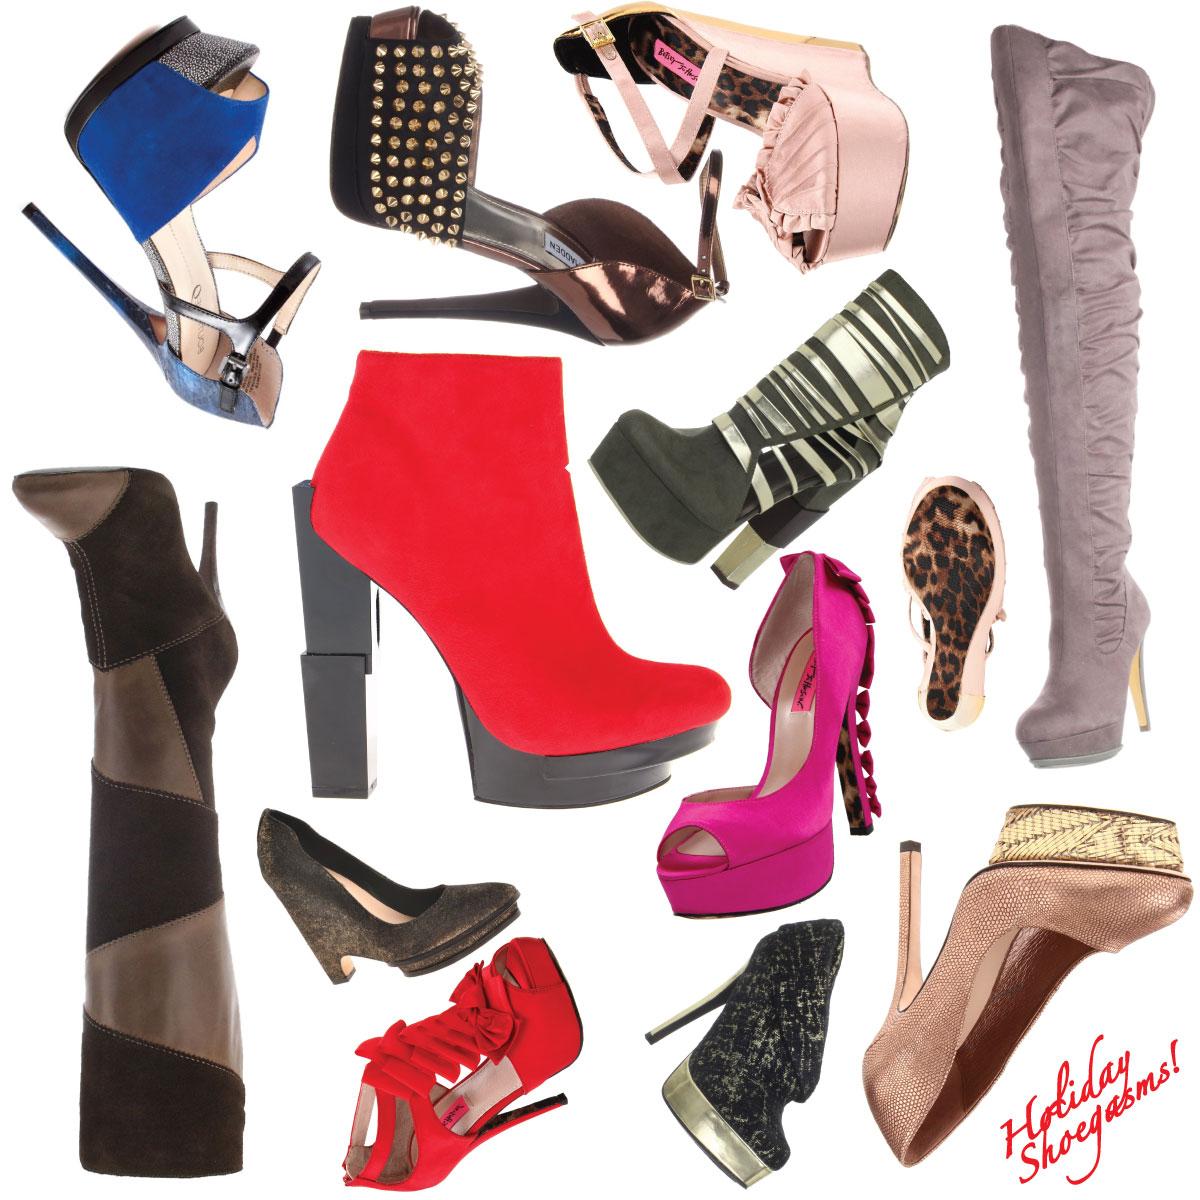 Holiday-Shoegasm(s)-2012